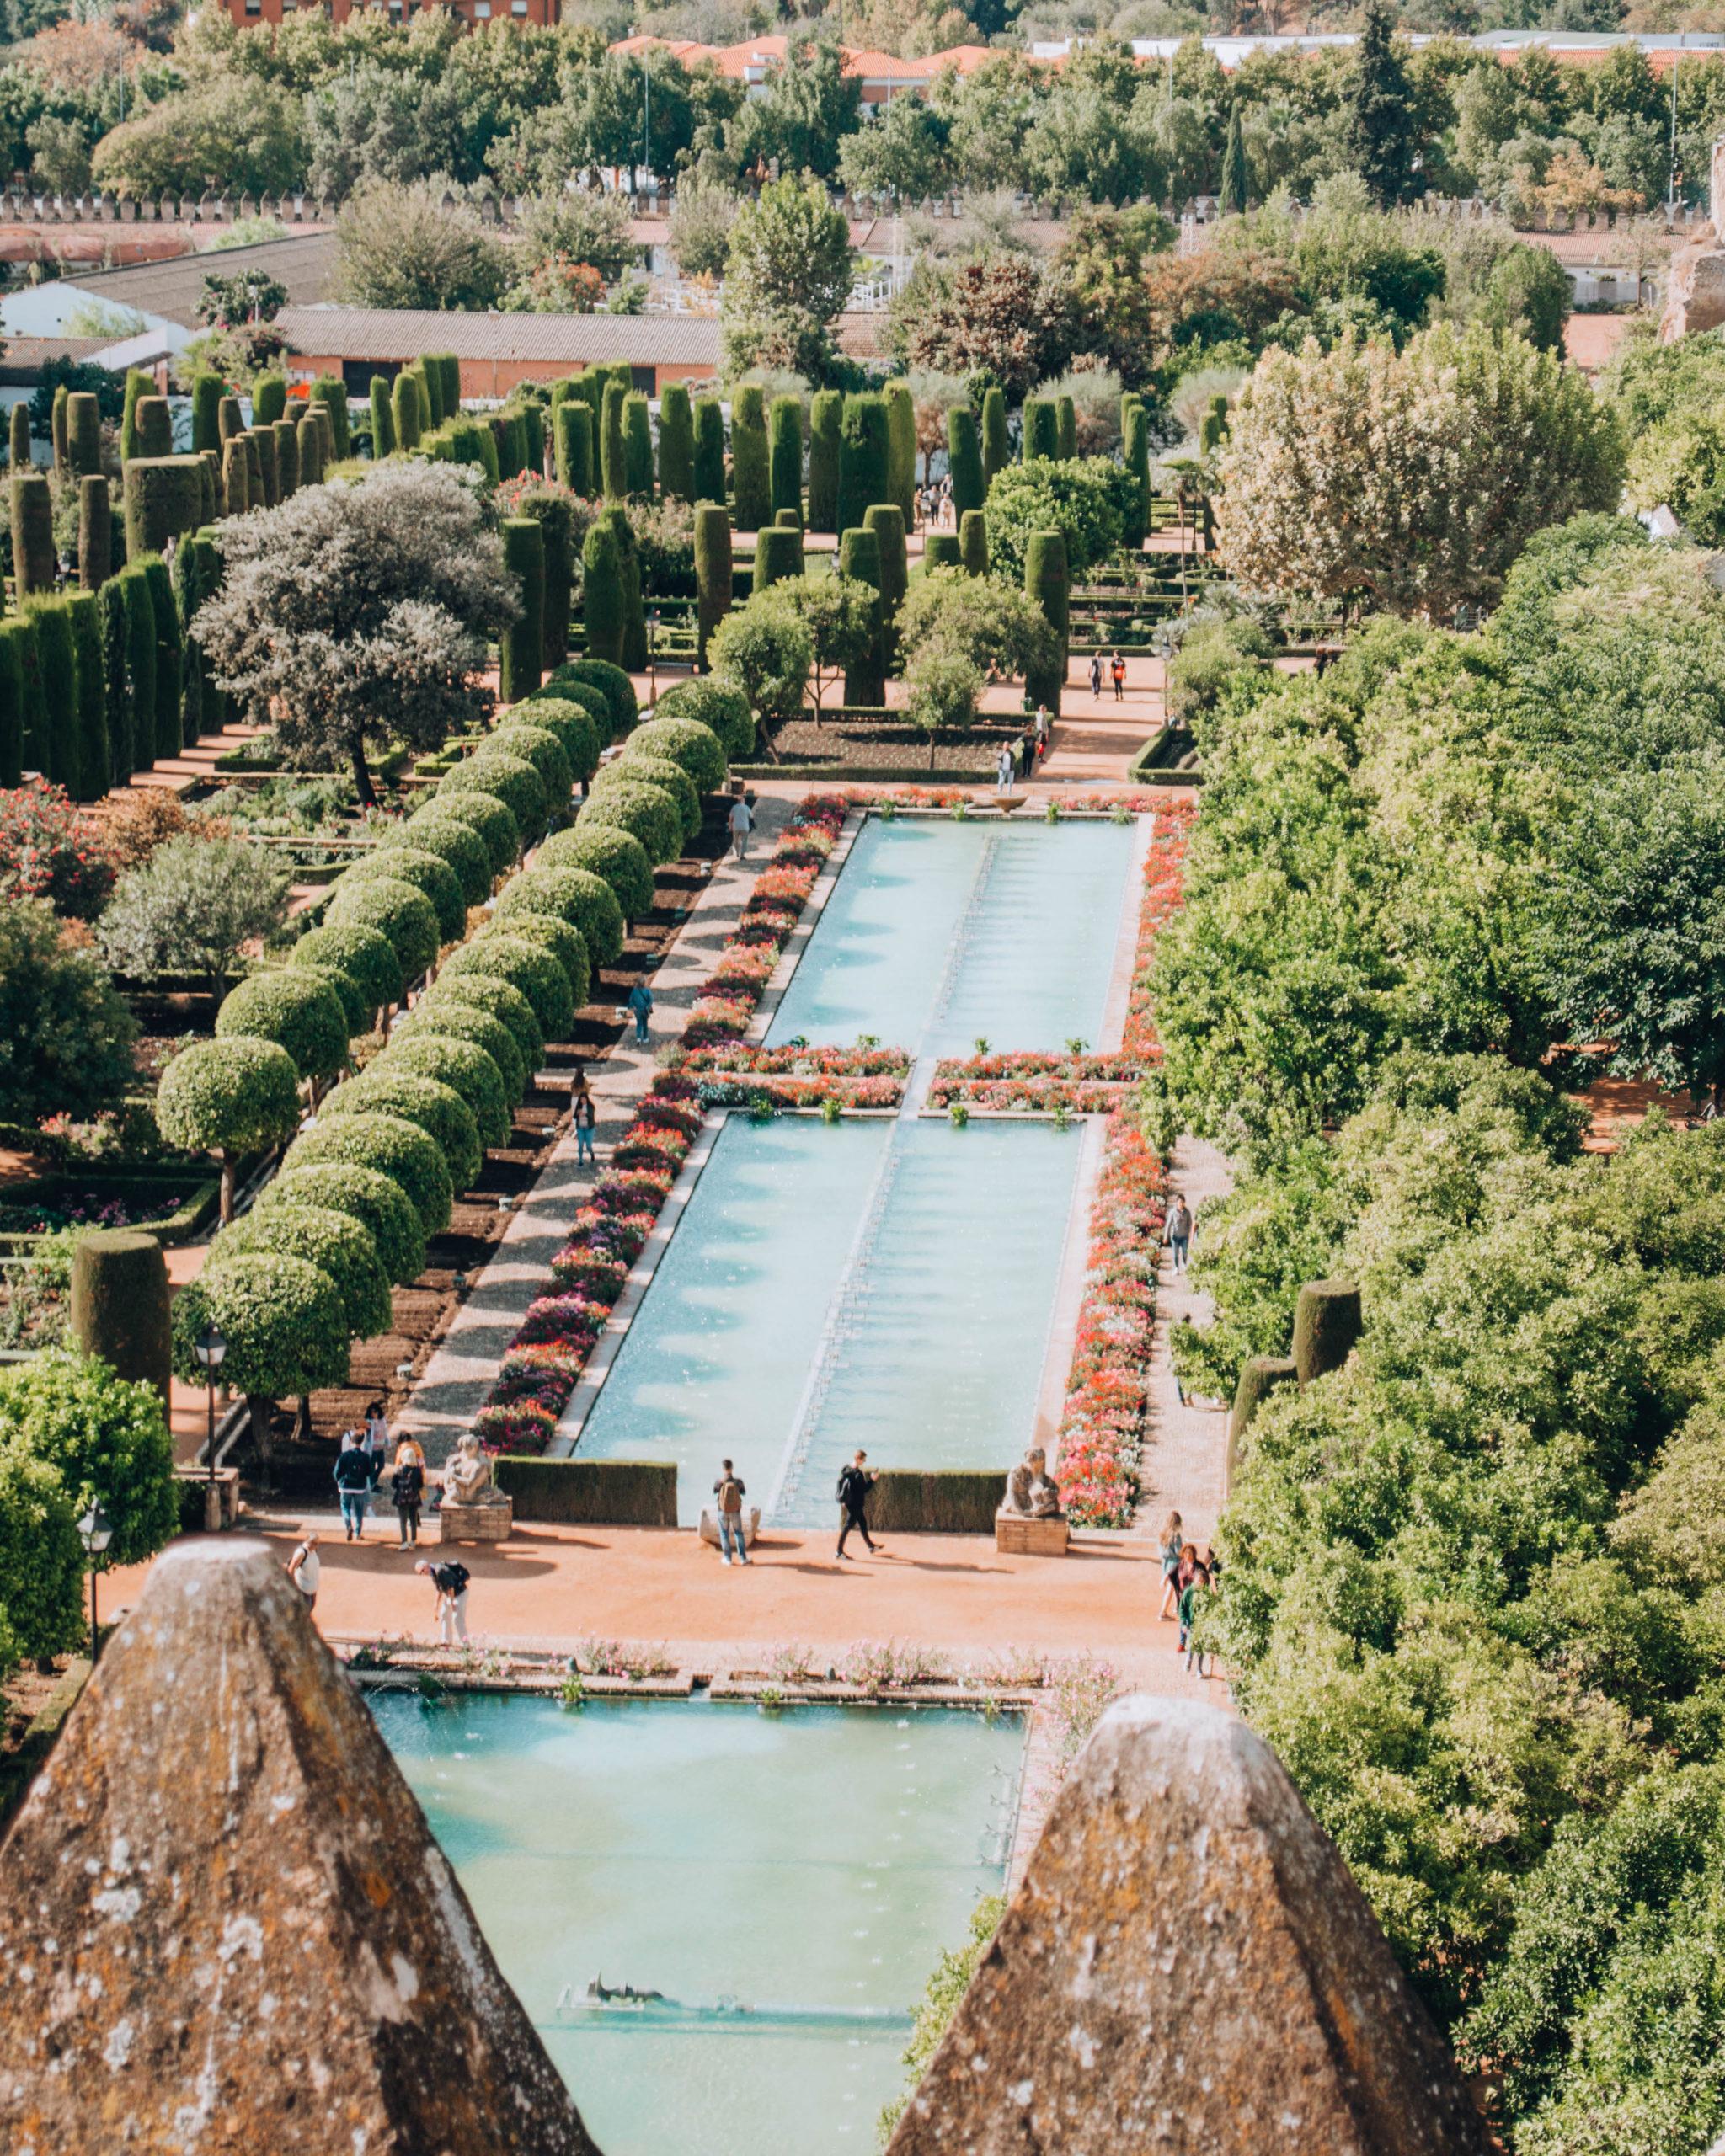 Vista dall'alto di fontana d'acqua rettangolare in un giardino